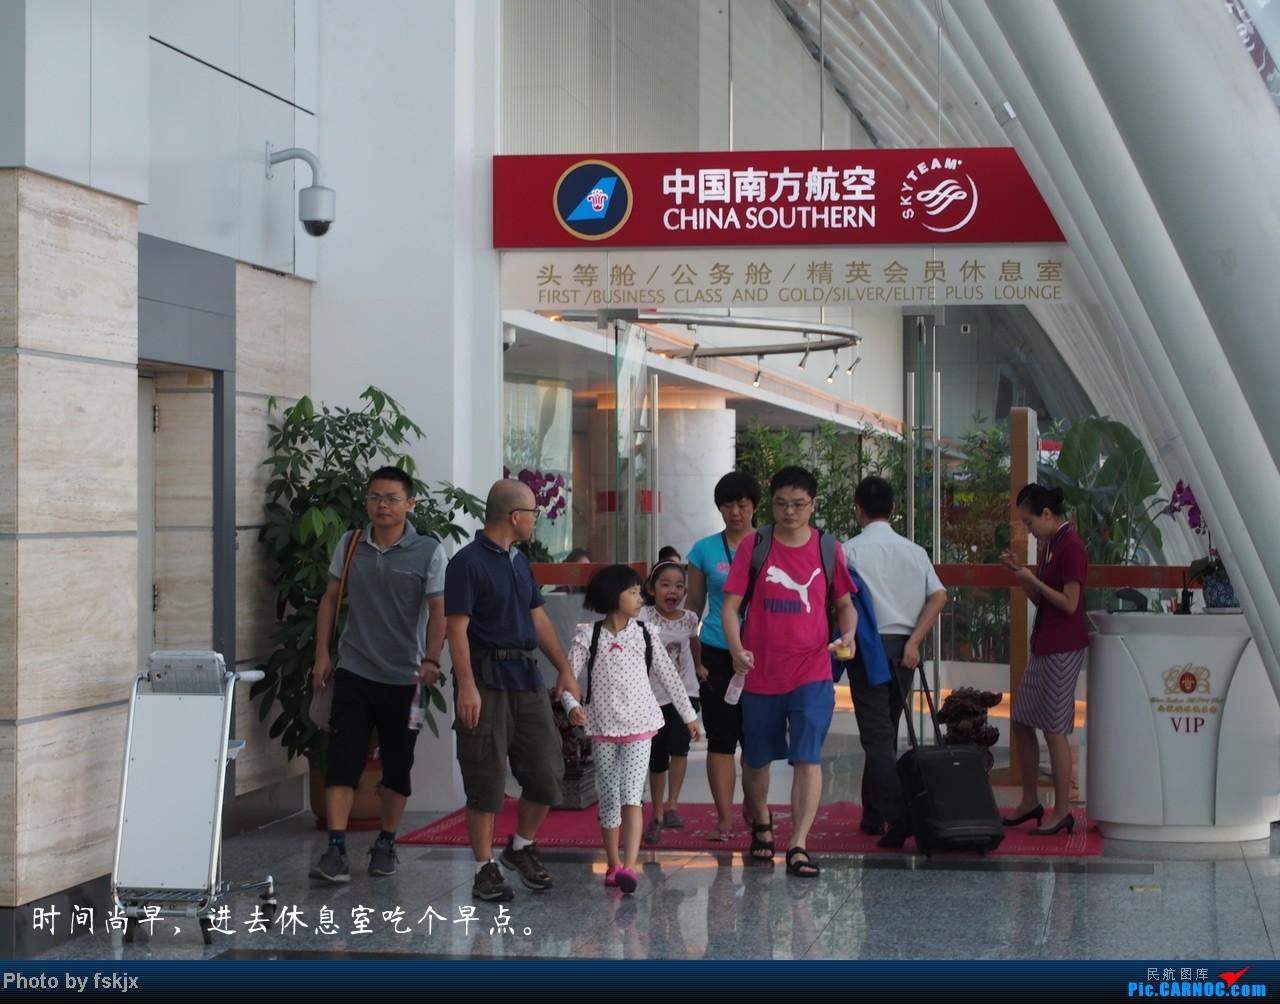 【fskjx的飞行游记☆9】盛夏贵州避暑,感受壮观的黄果树瀑布    中国广州白云机场